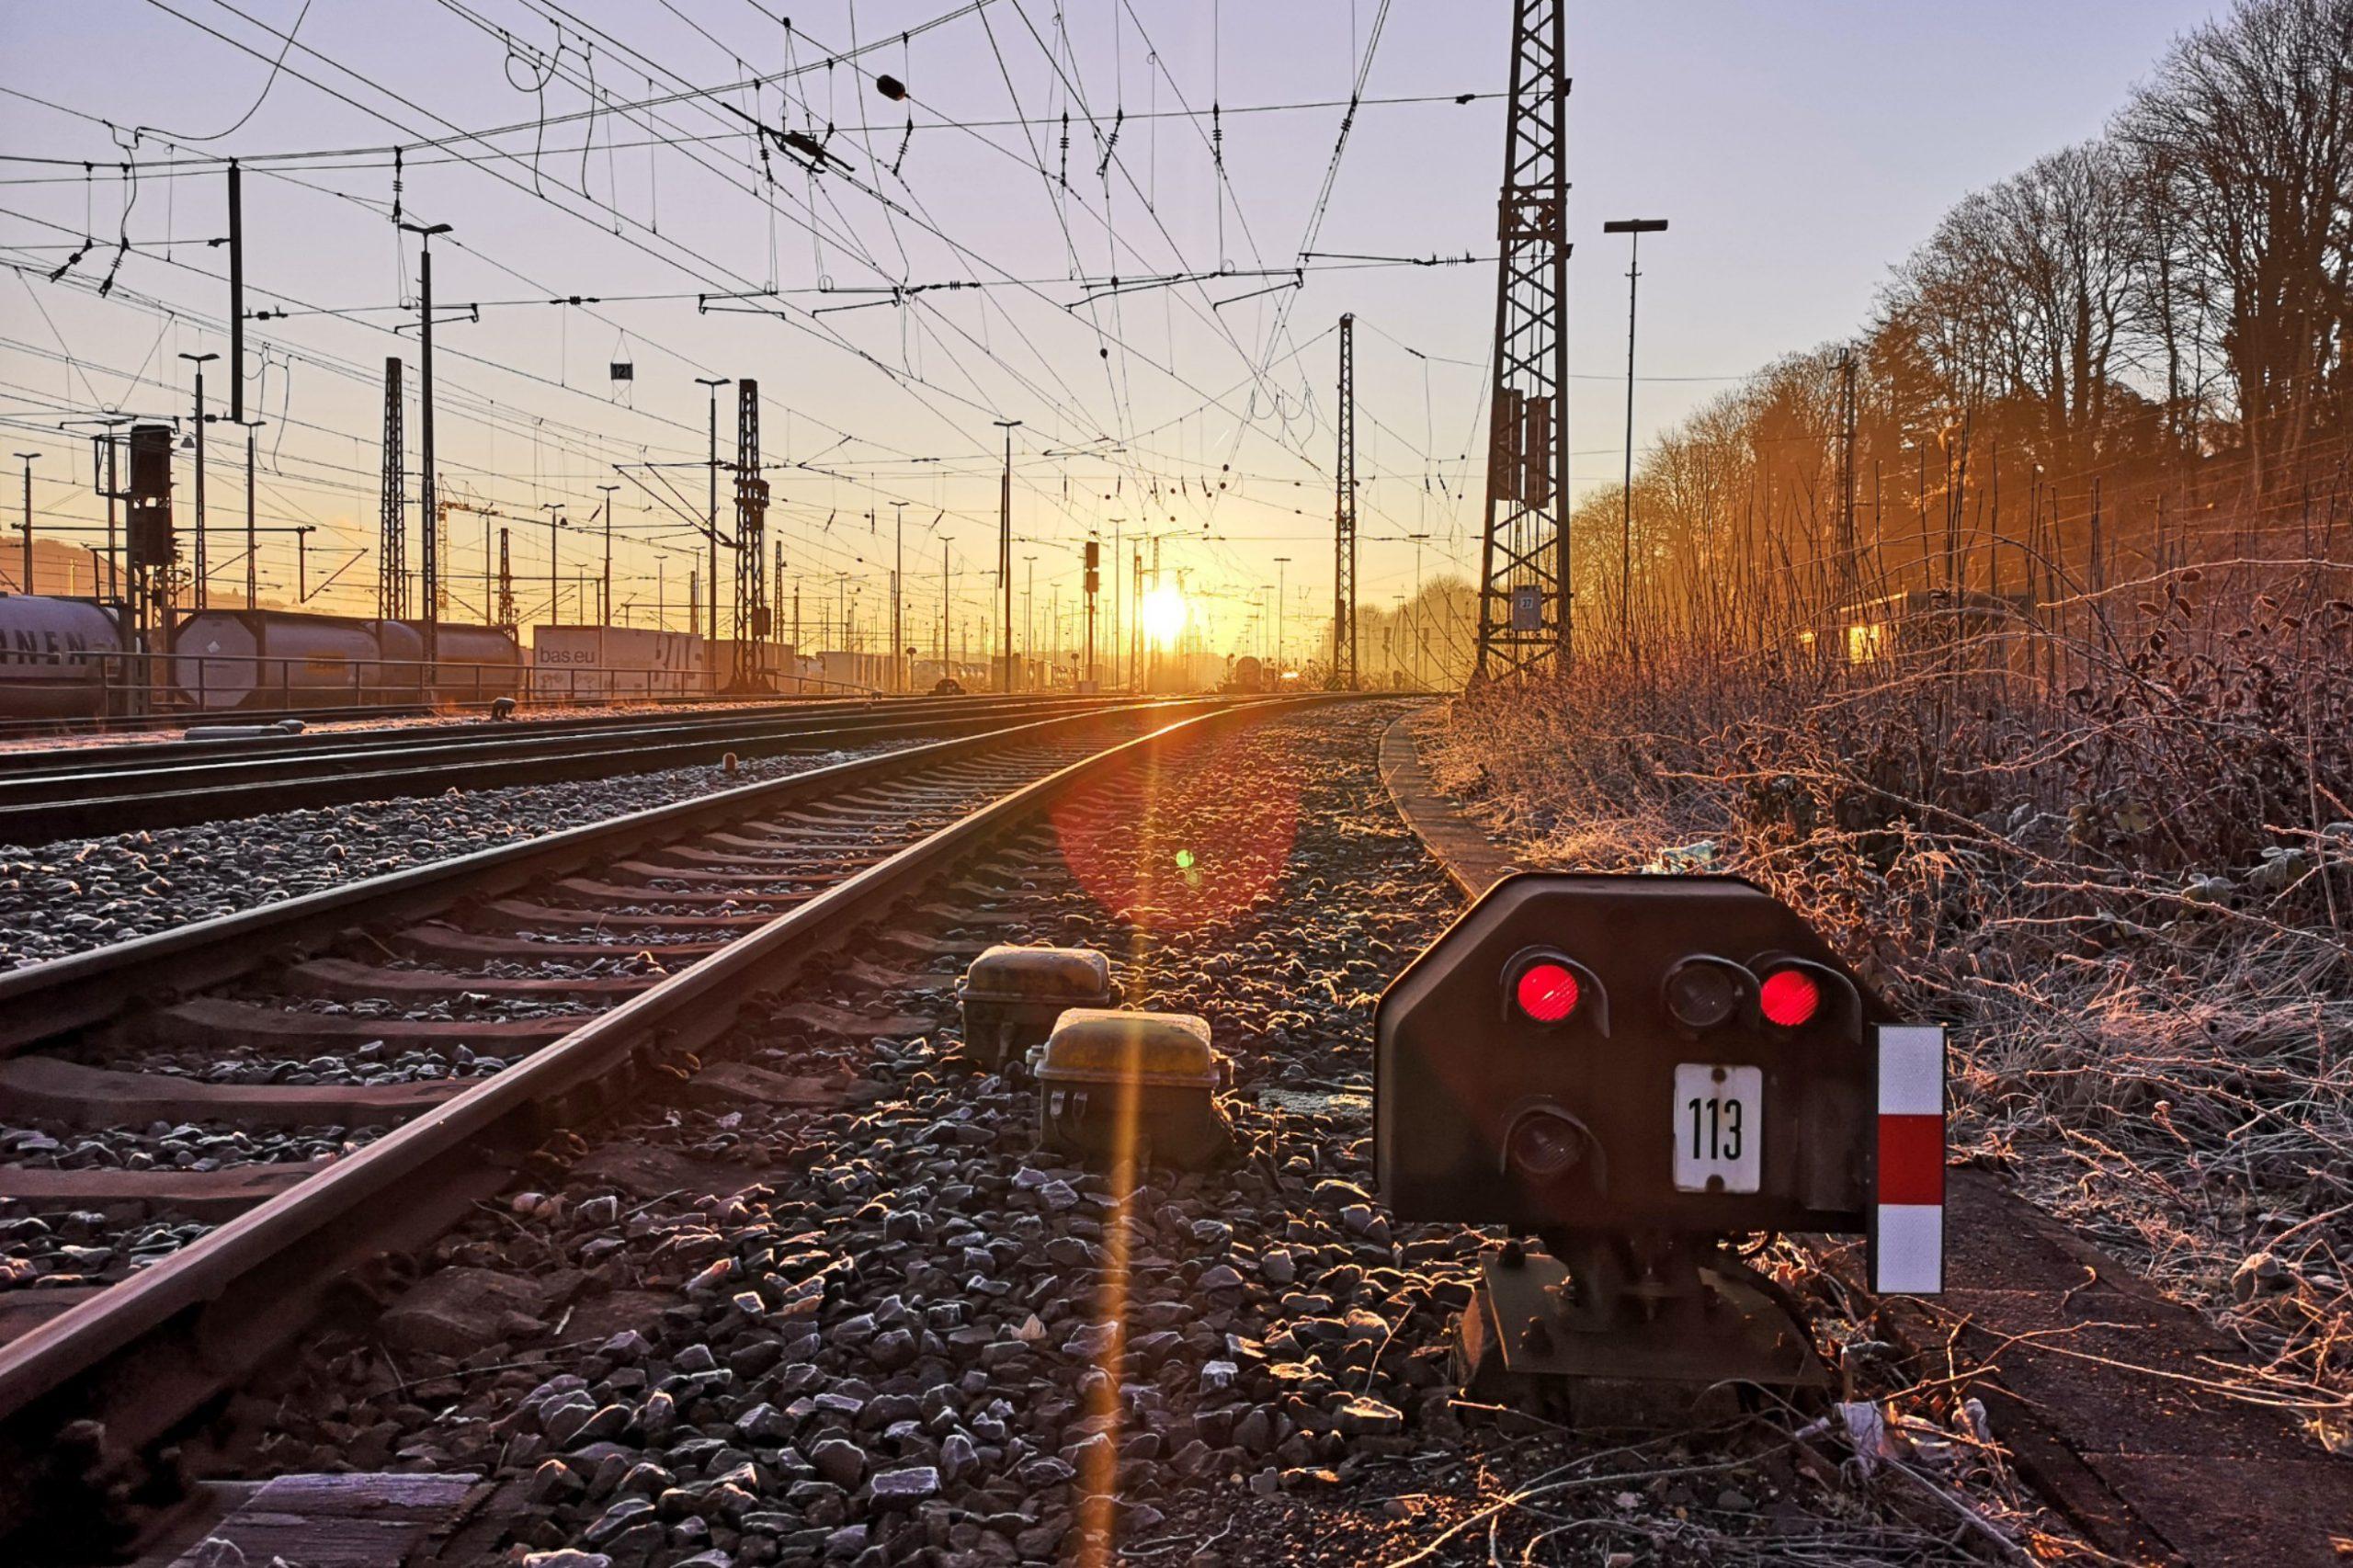 ©Foto: André Rosendahl | railmen | Gleis 113 am Güterbahnhof Aachen West in winterlicher Morgenstimmung